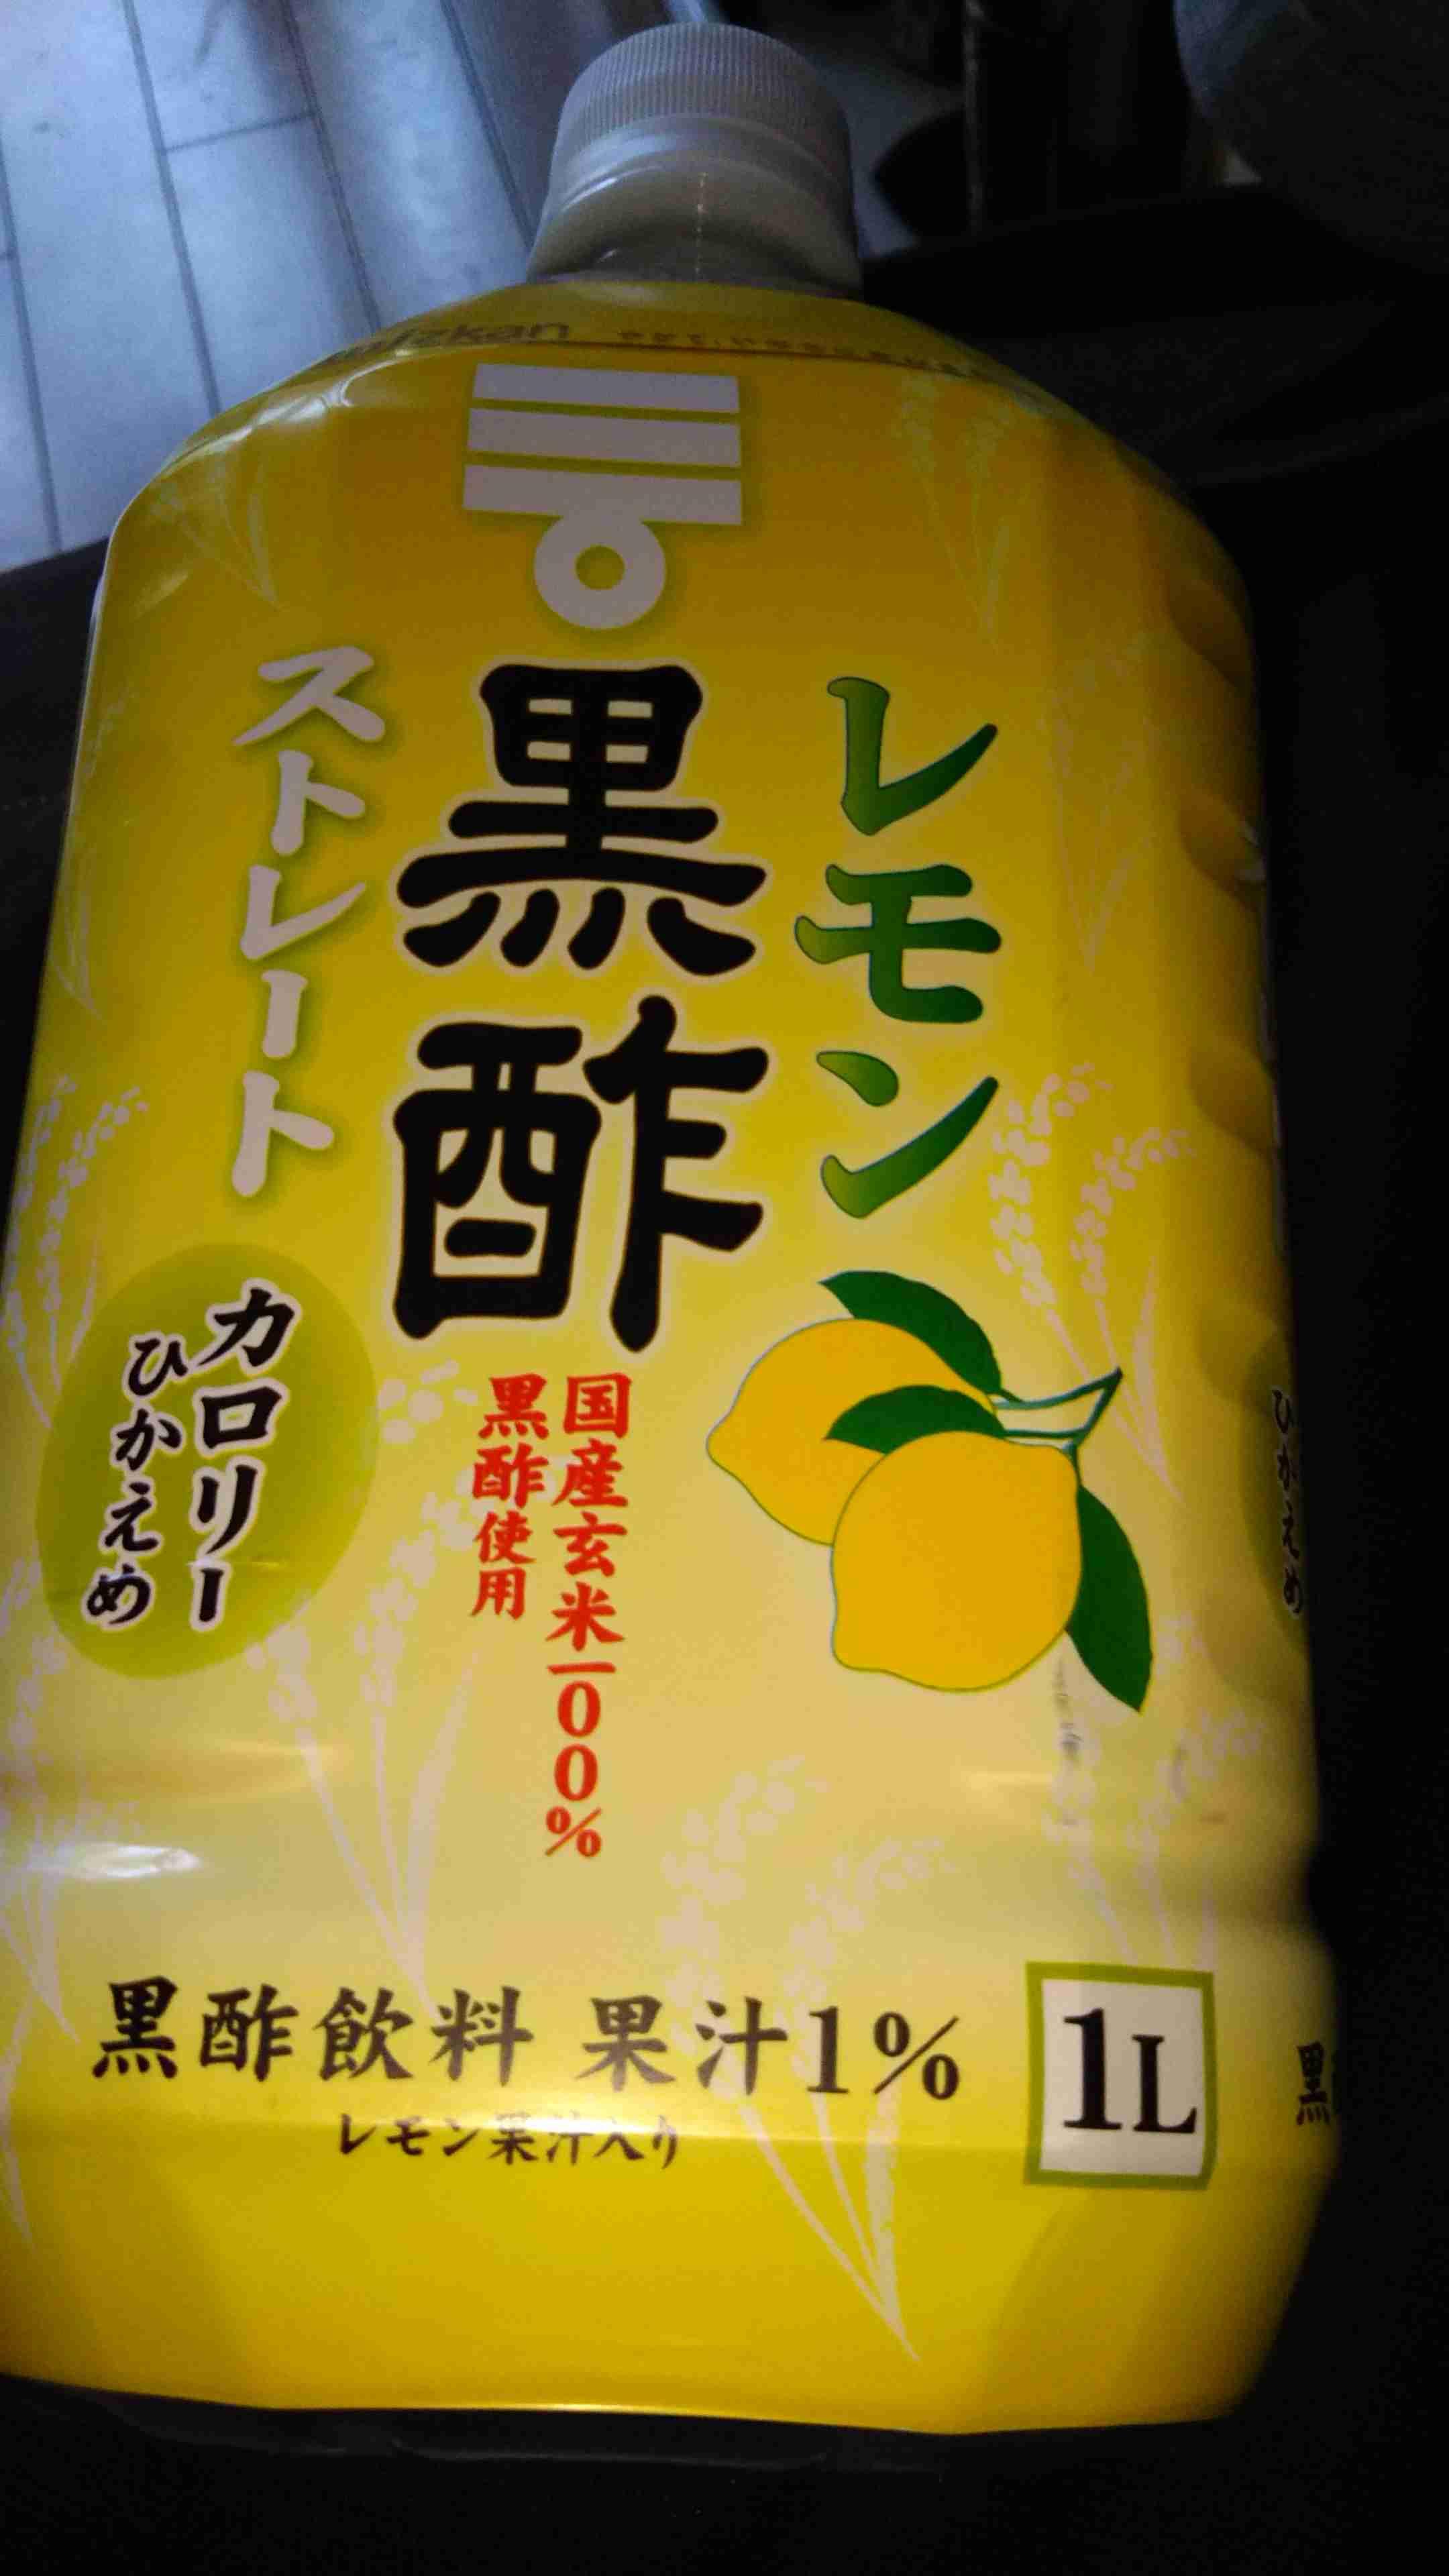 【一緒に】酢キャベツダイエット【始めませんか?】